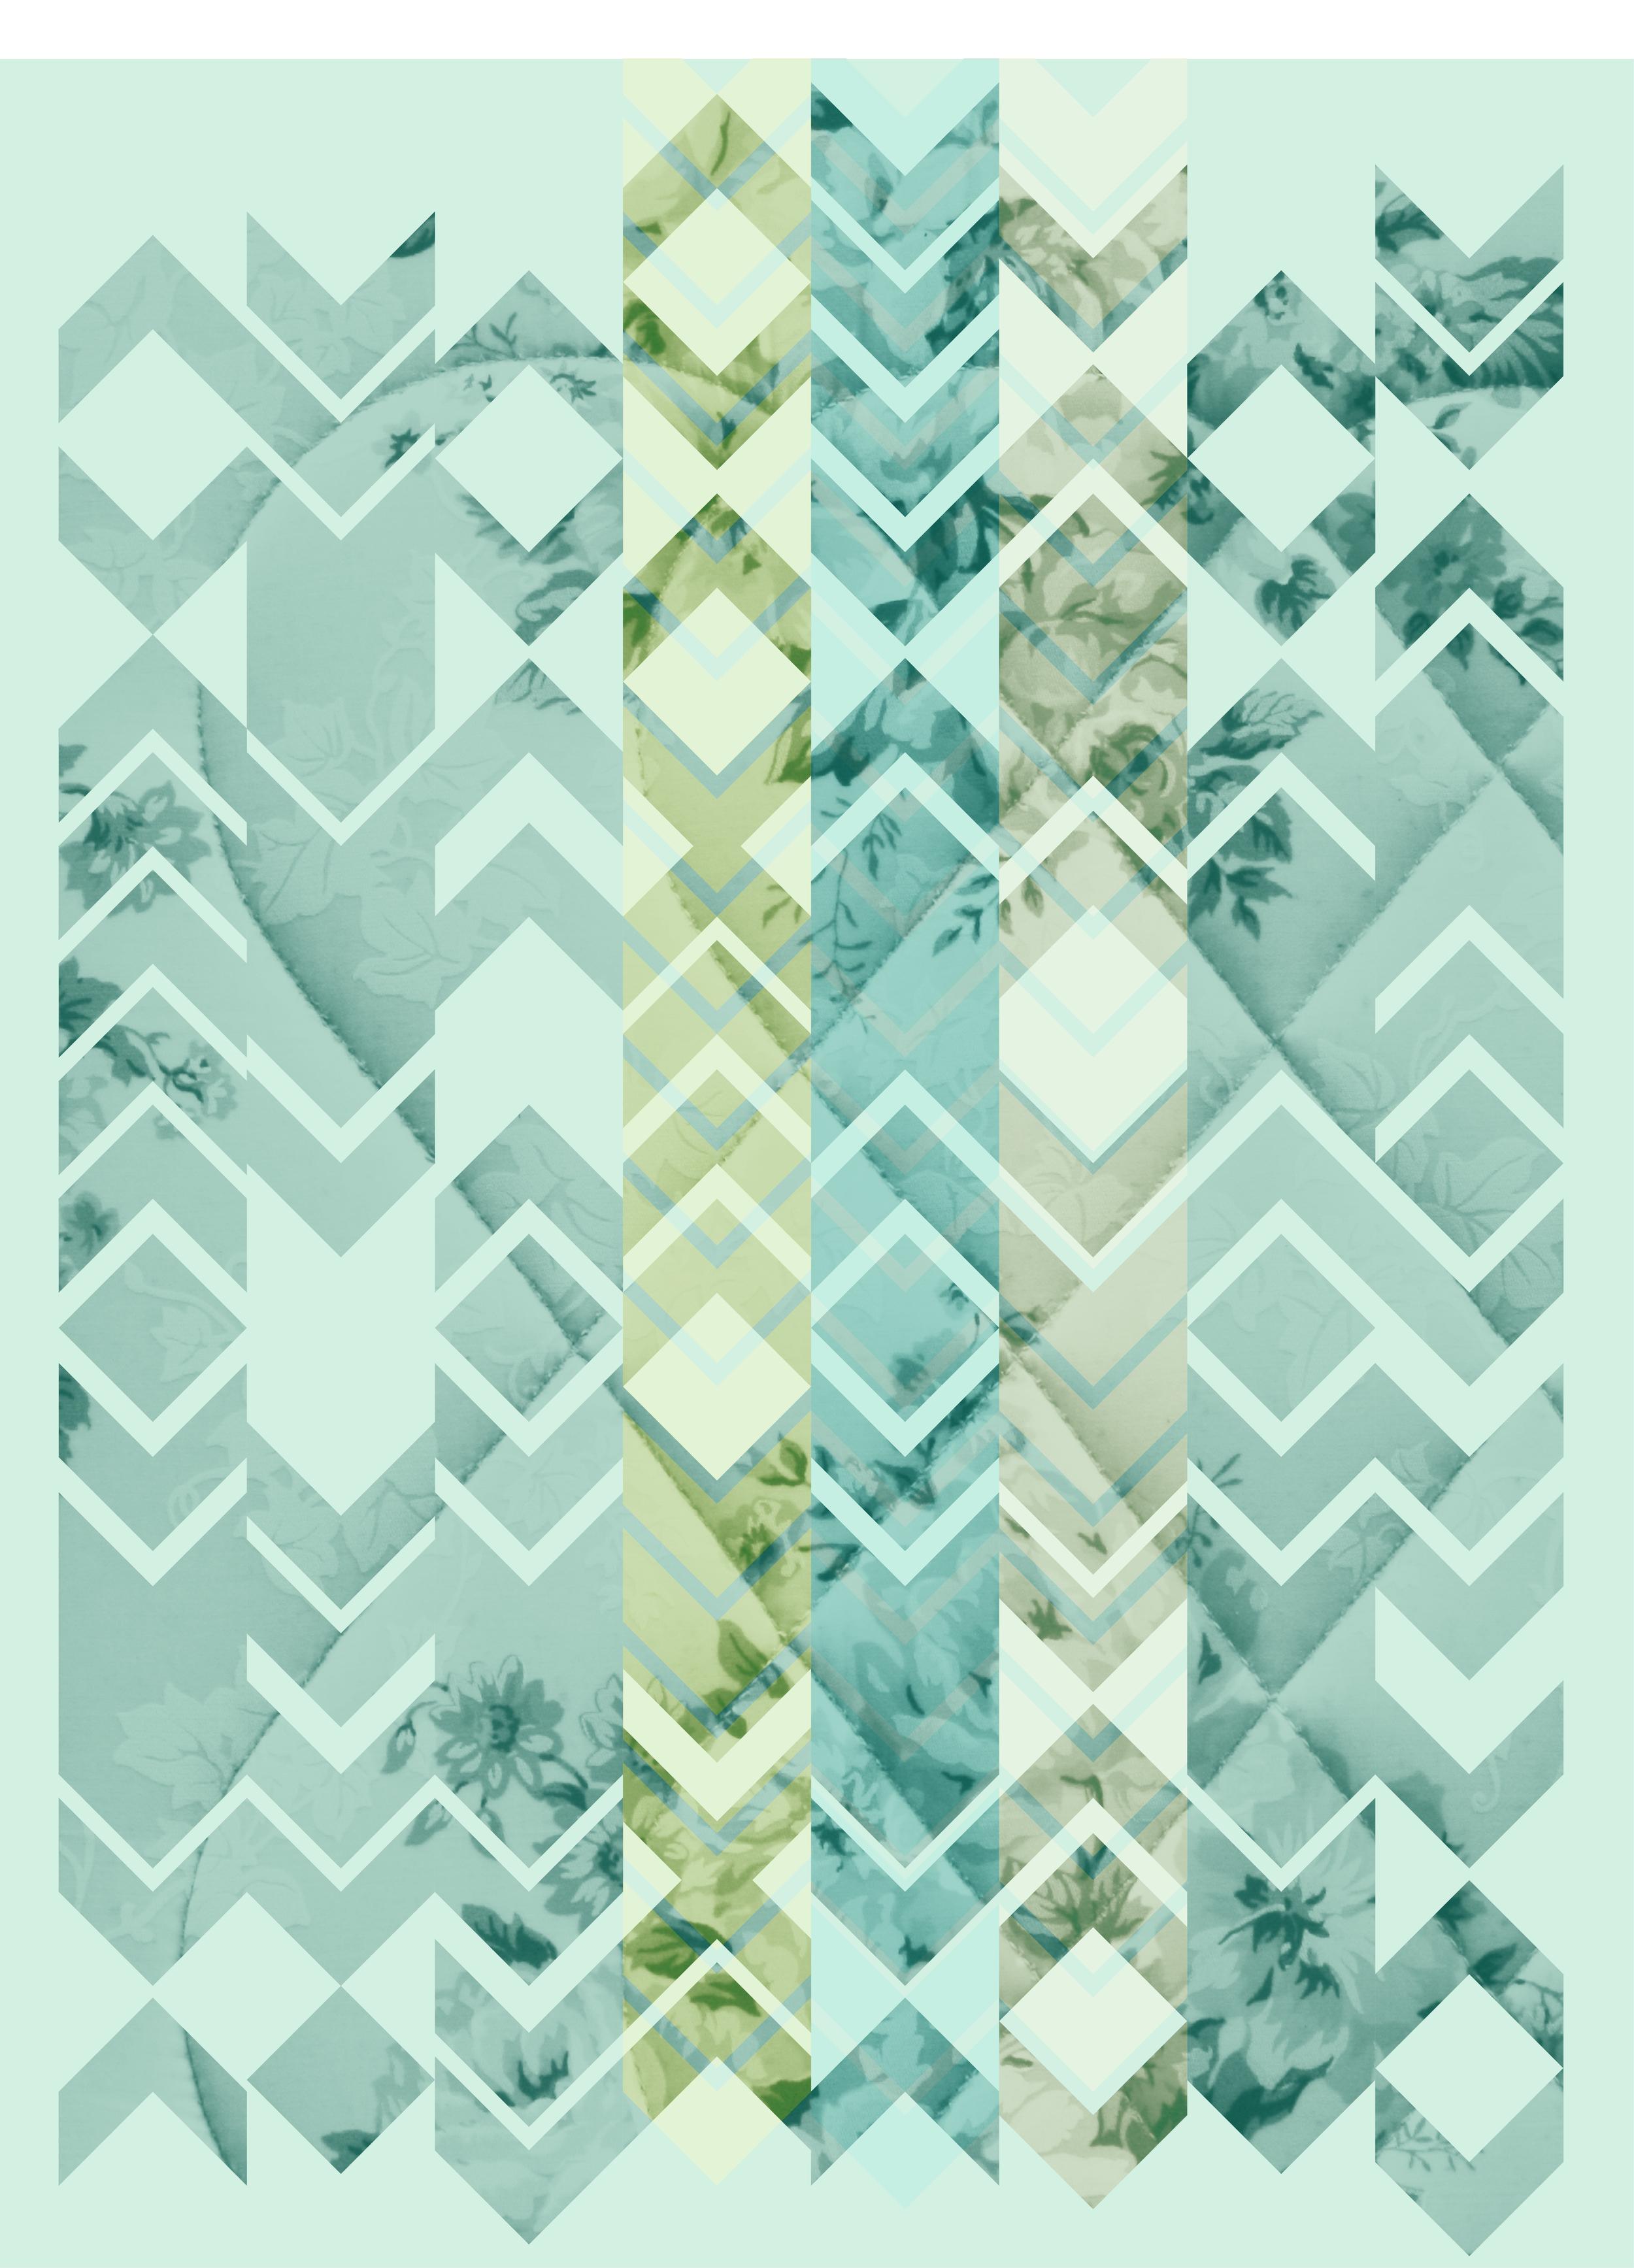 arrow pattern4b.jpg